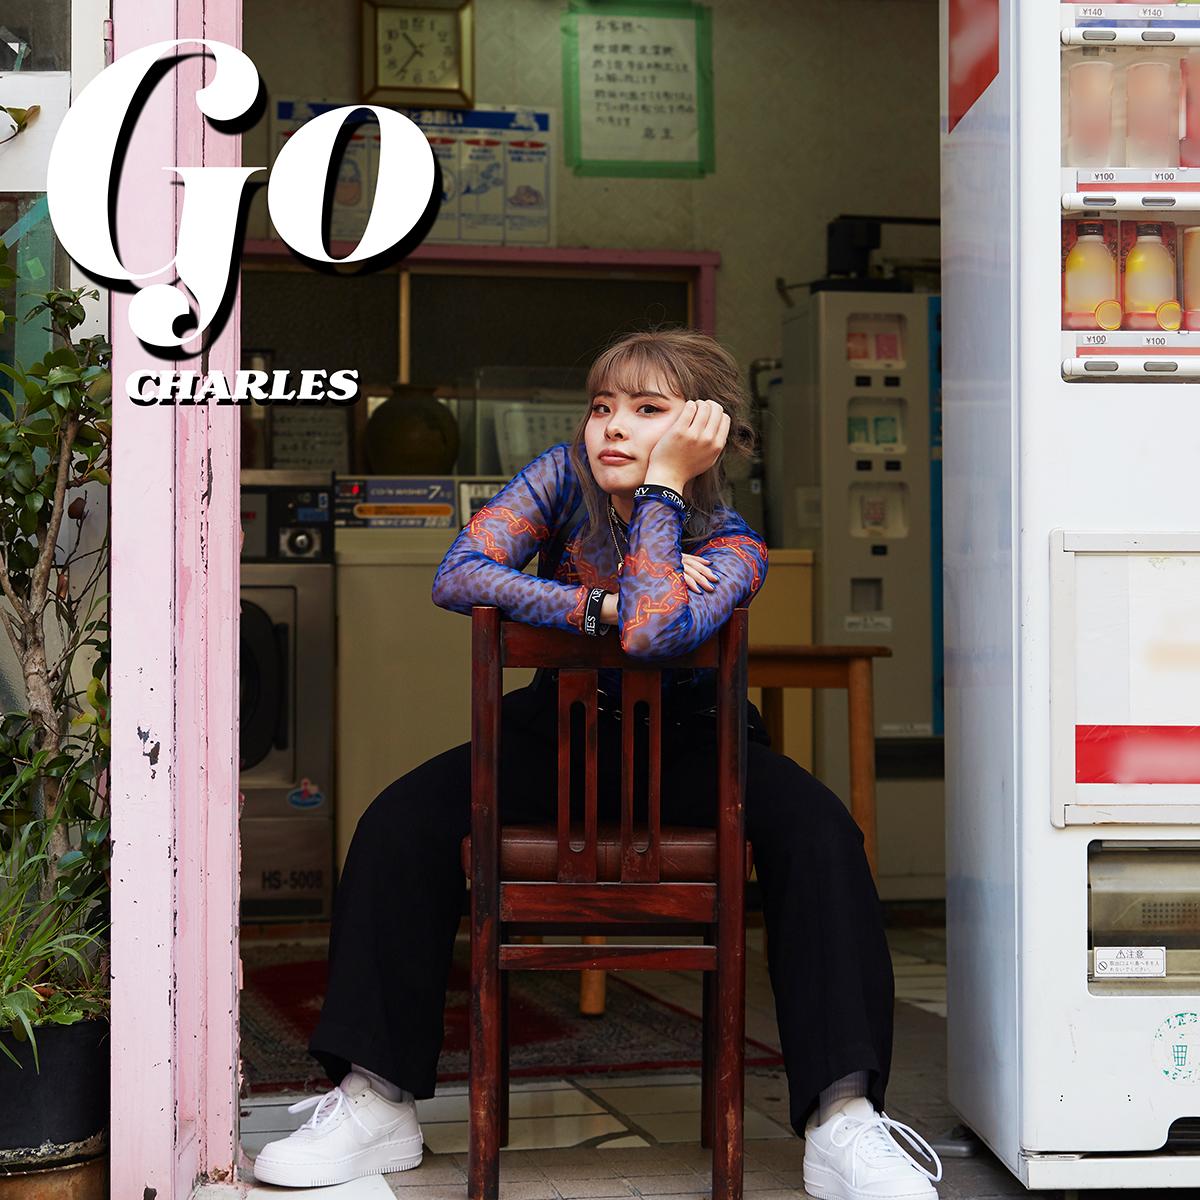 Go - CHARLES